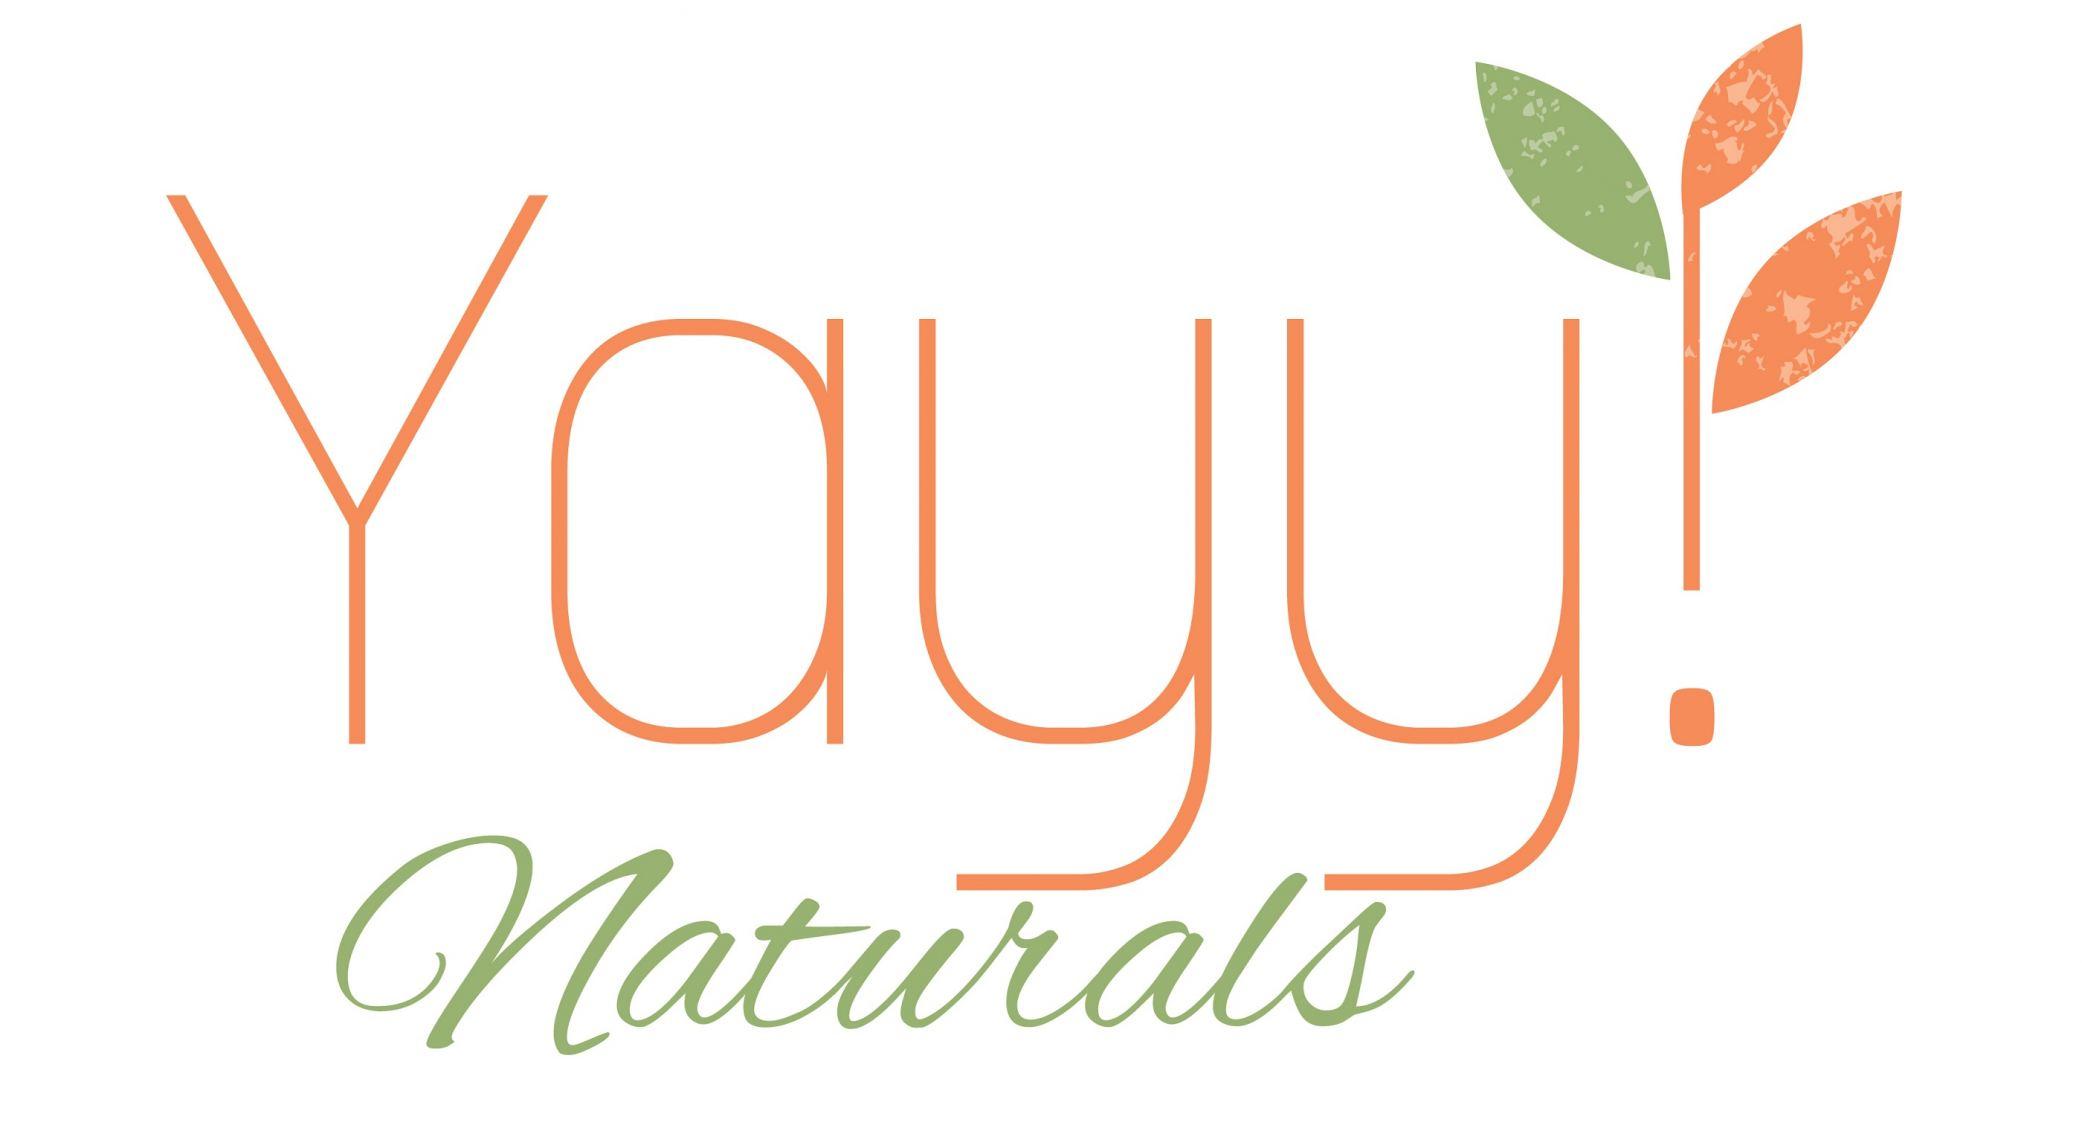 Yayy! Naturals Logo